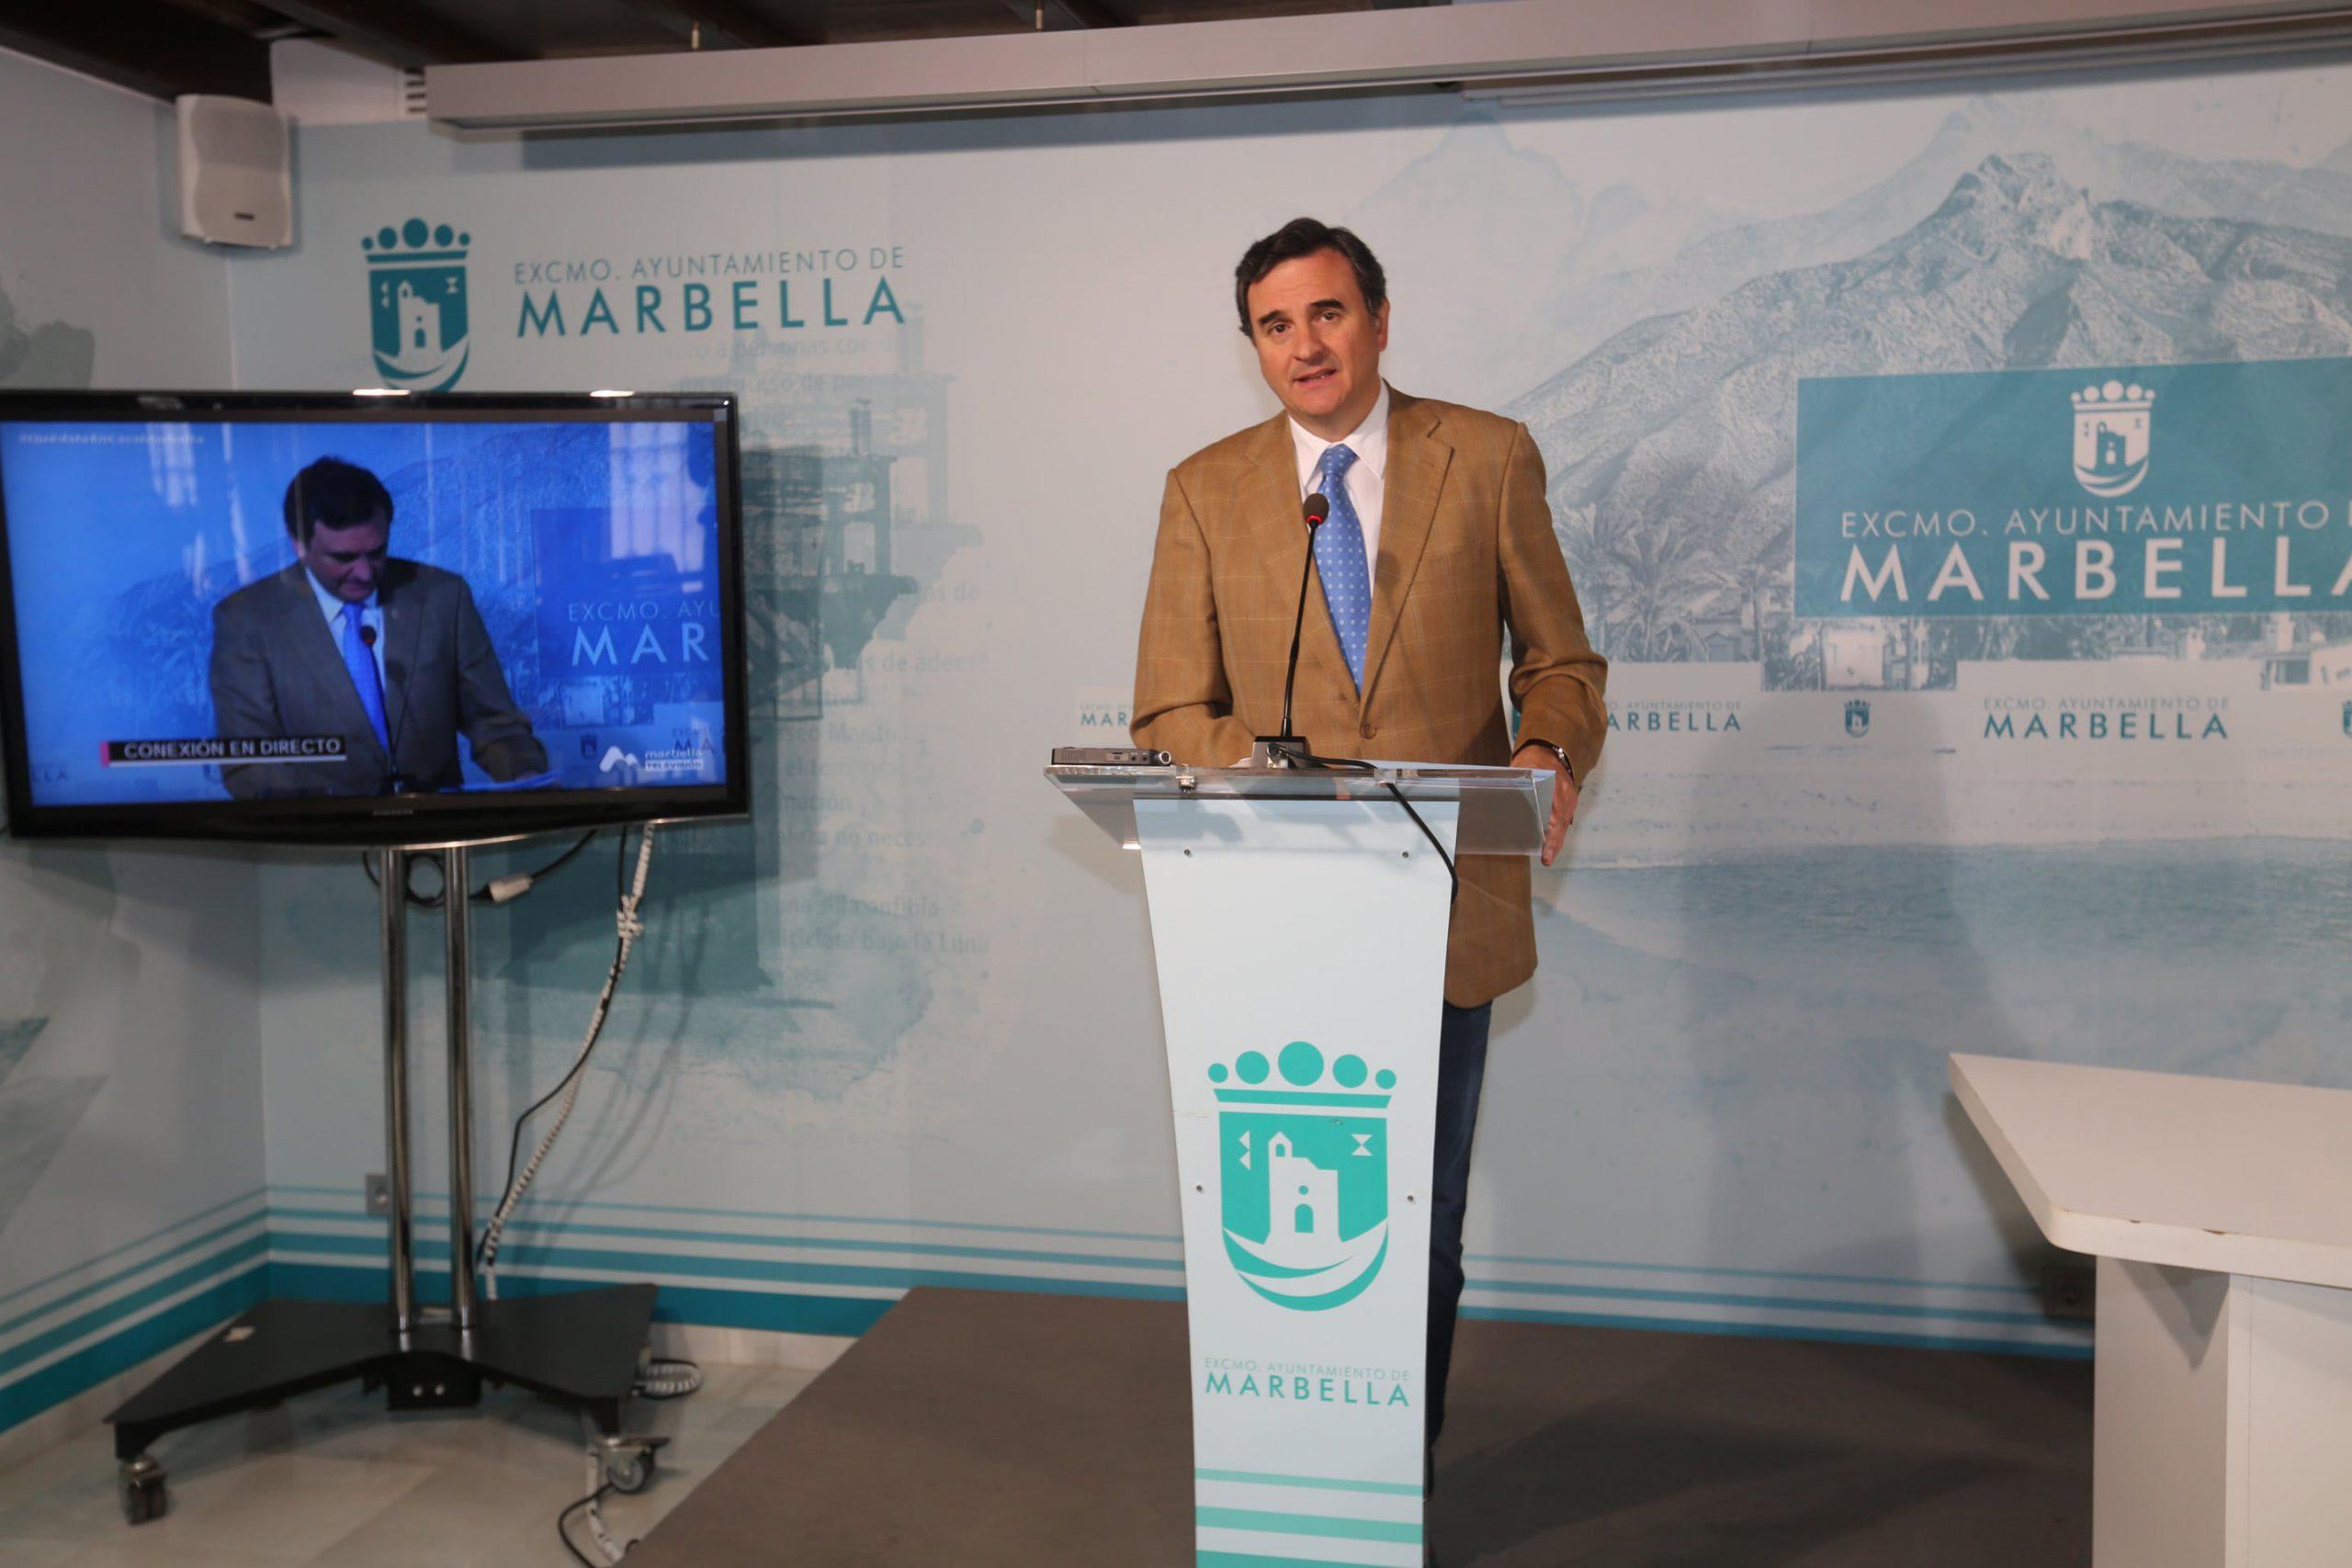 El Ayuntamiento adopta medidas para mantener la economía productiva del municipio